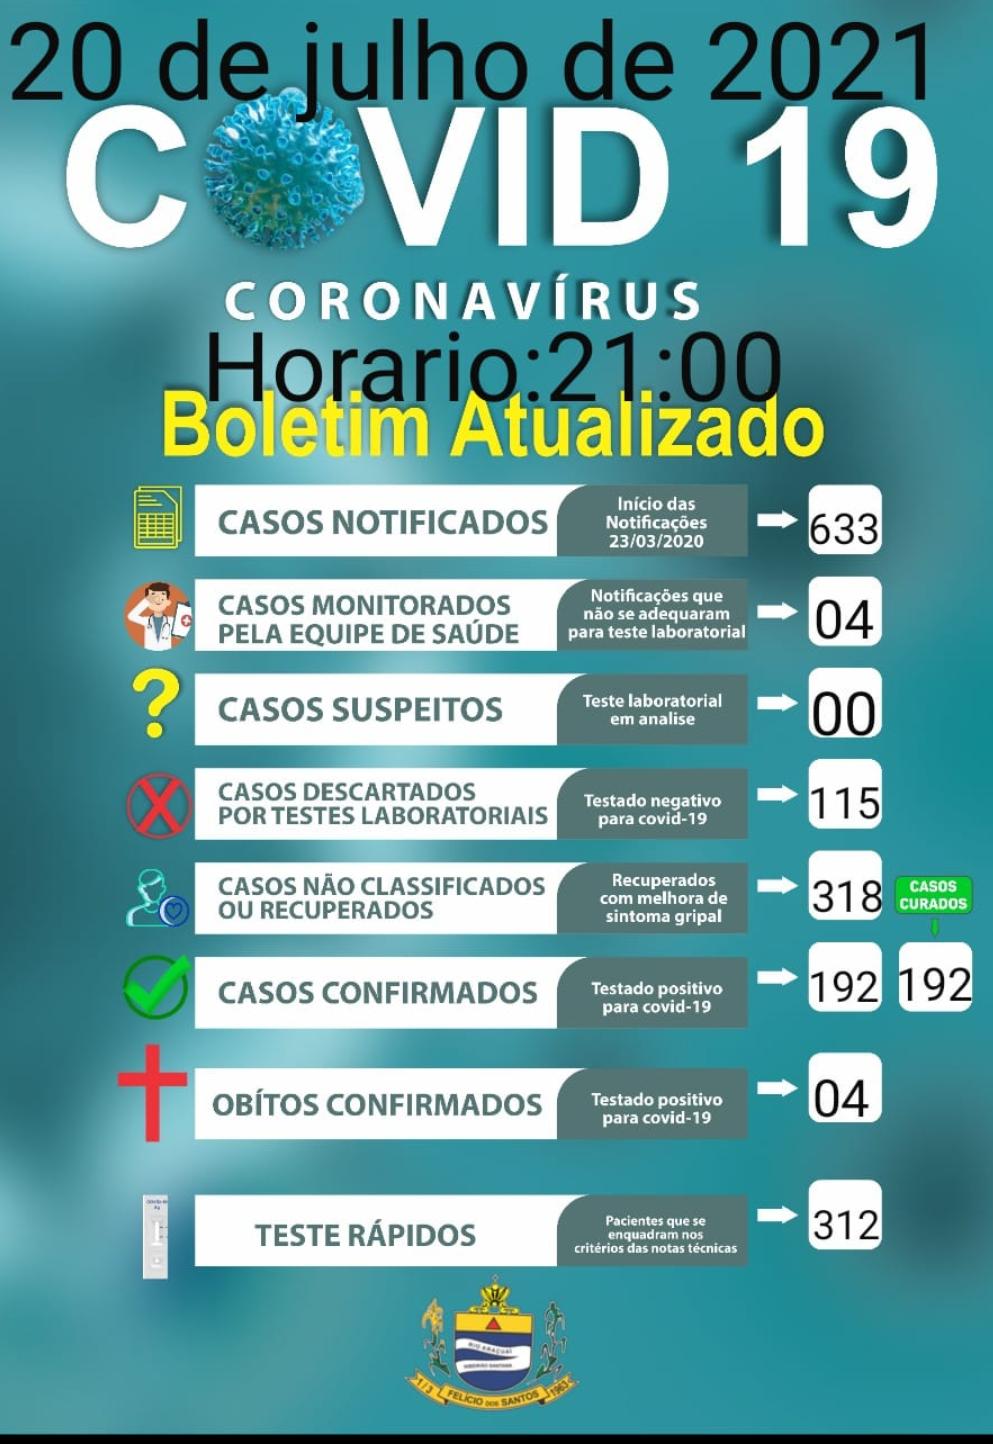 Boletim covid-19,20 de julho de 2021